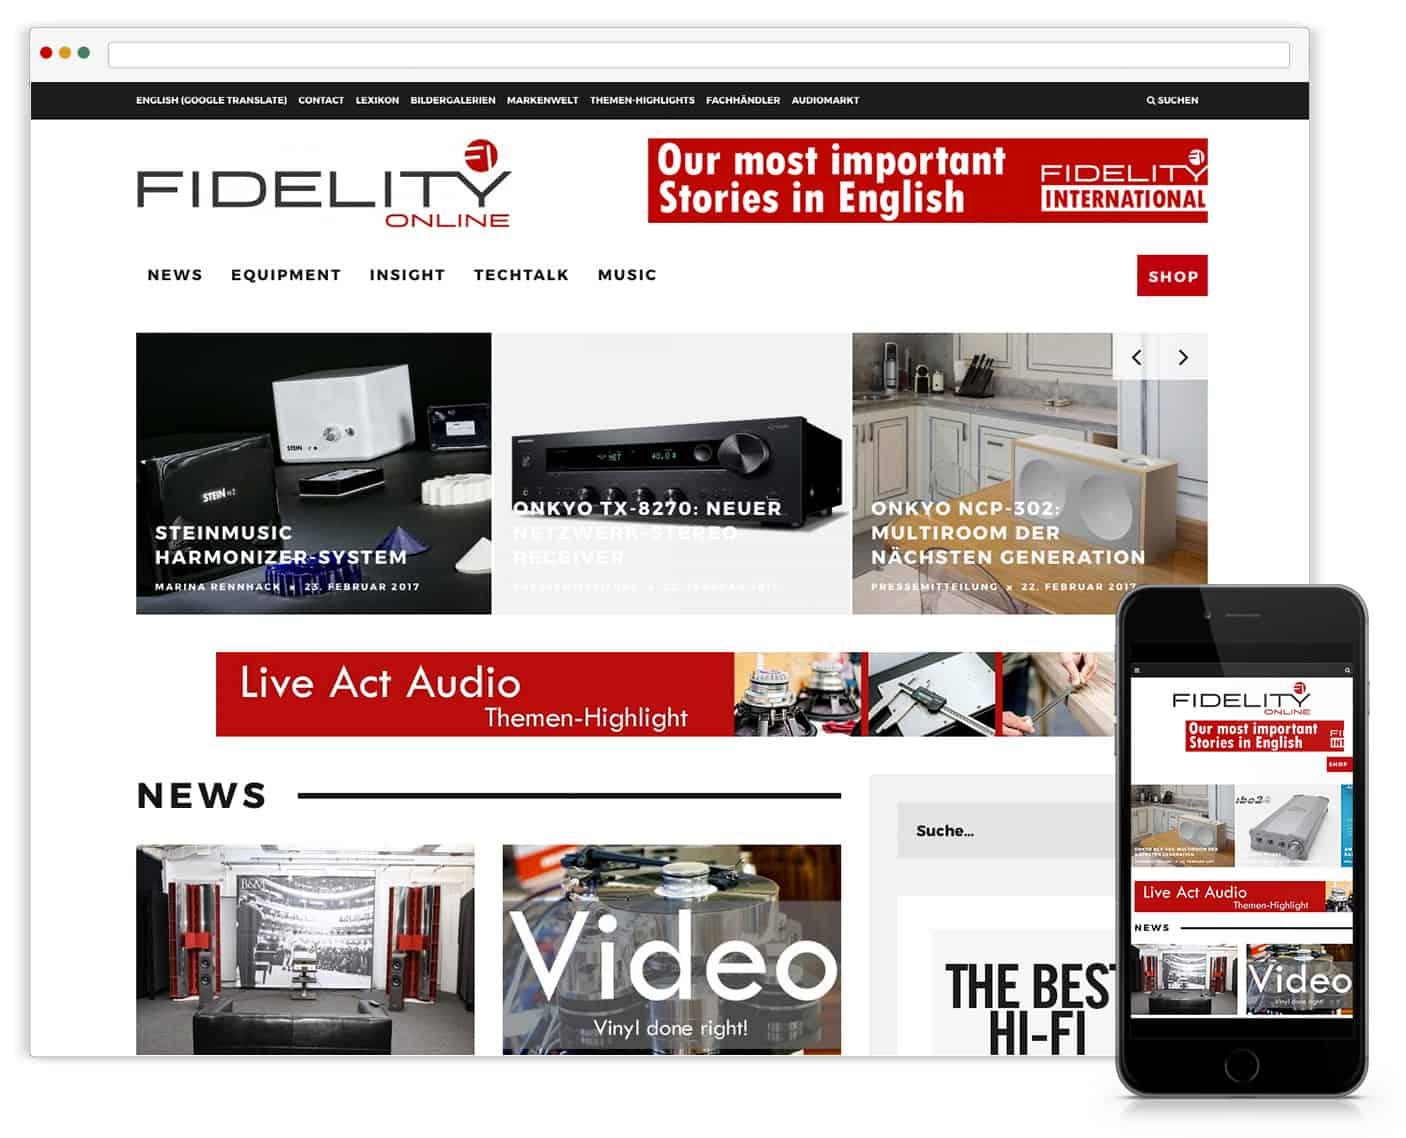 fidelity-online